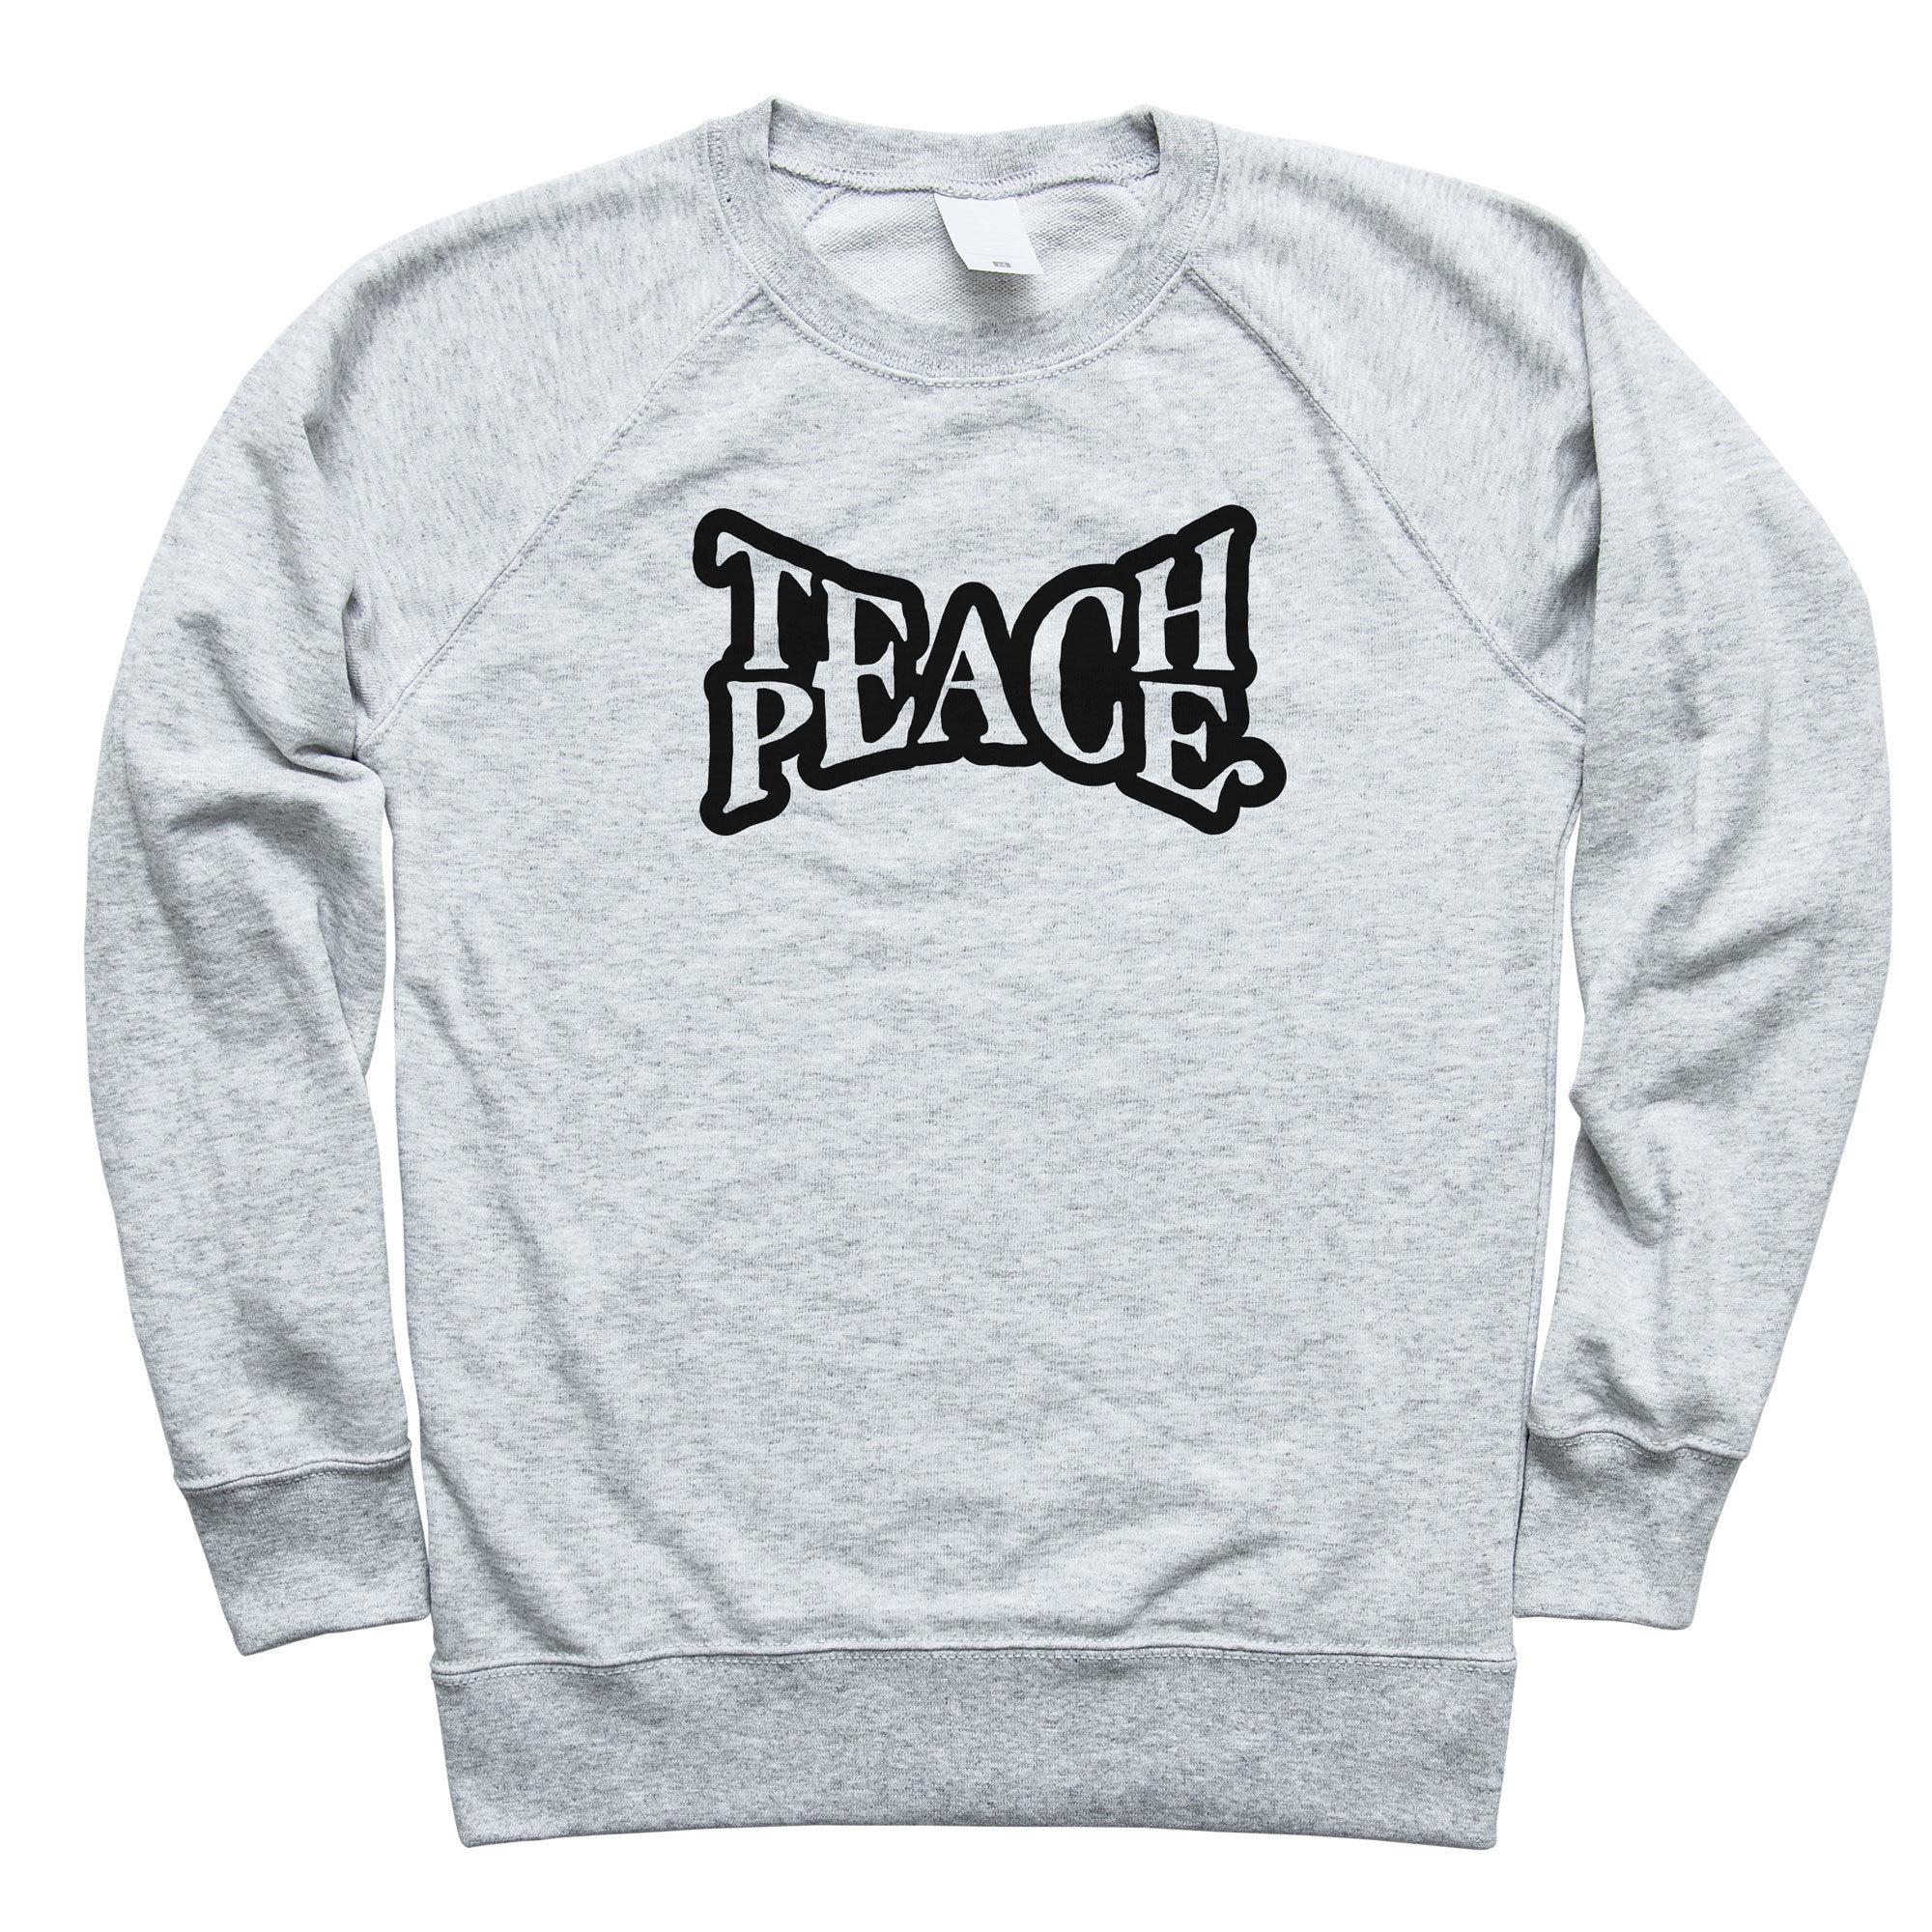 Teach Peace 00395